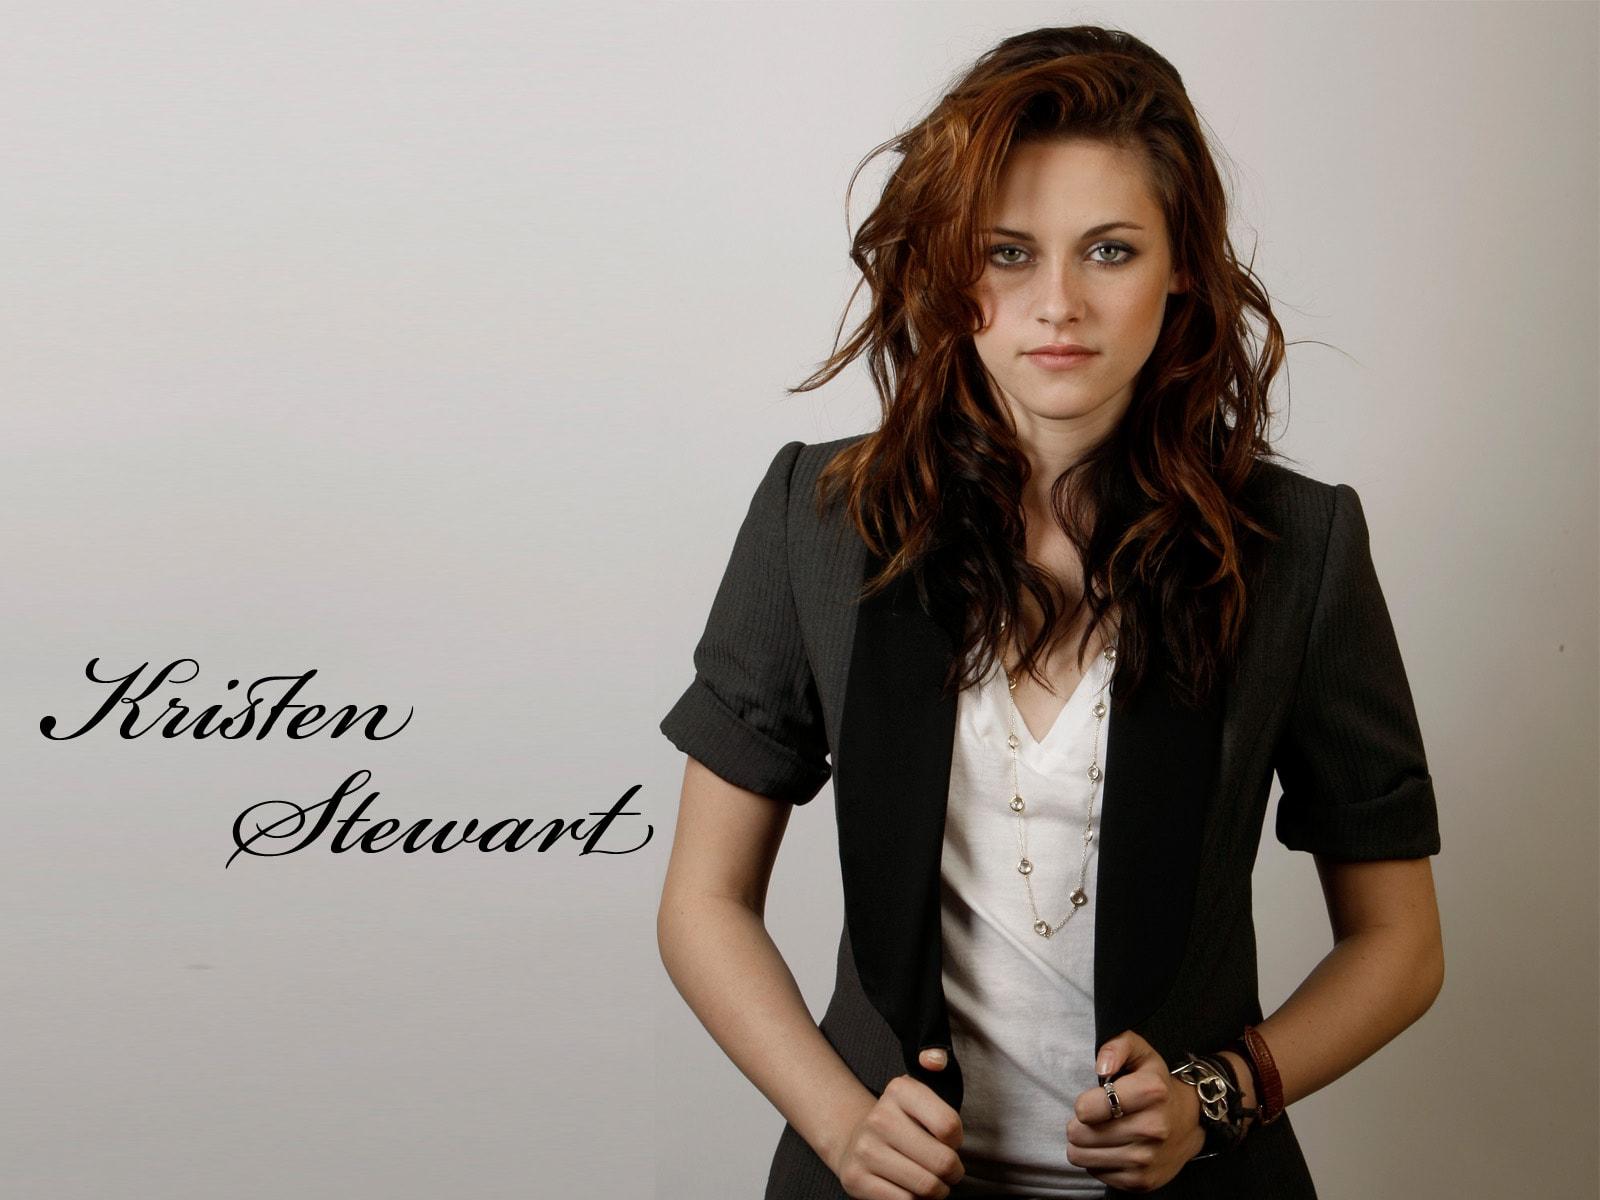 Kristen Stewart Pictures